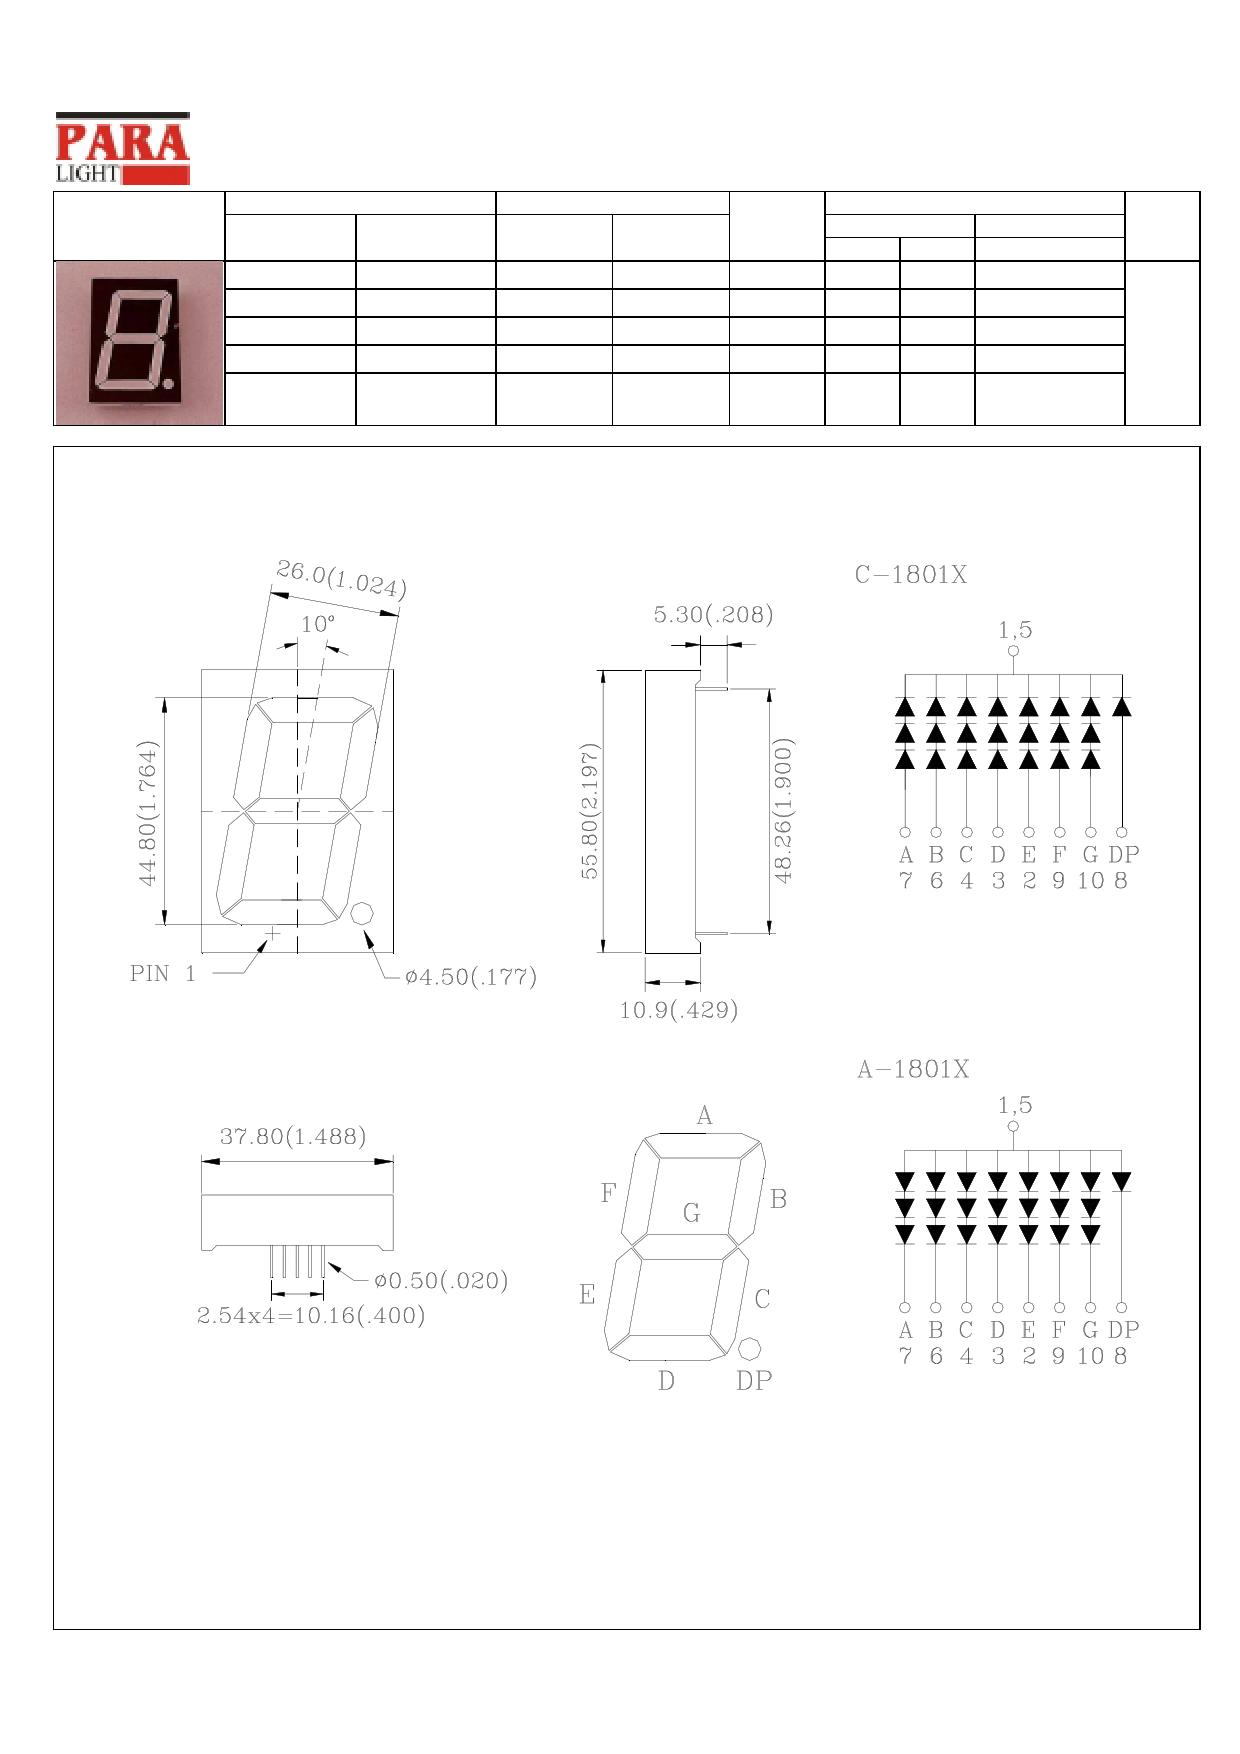 C-1801Y datasheet